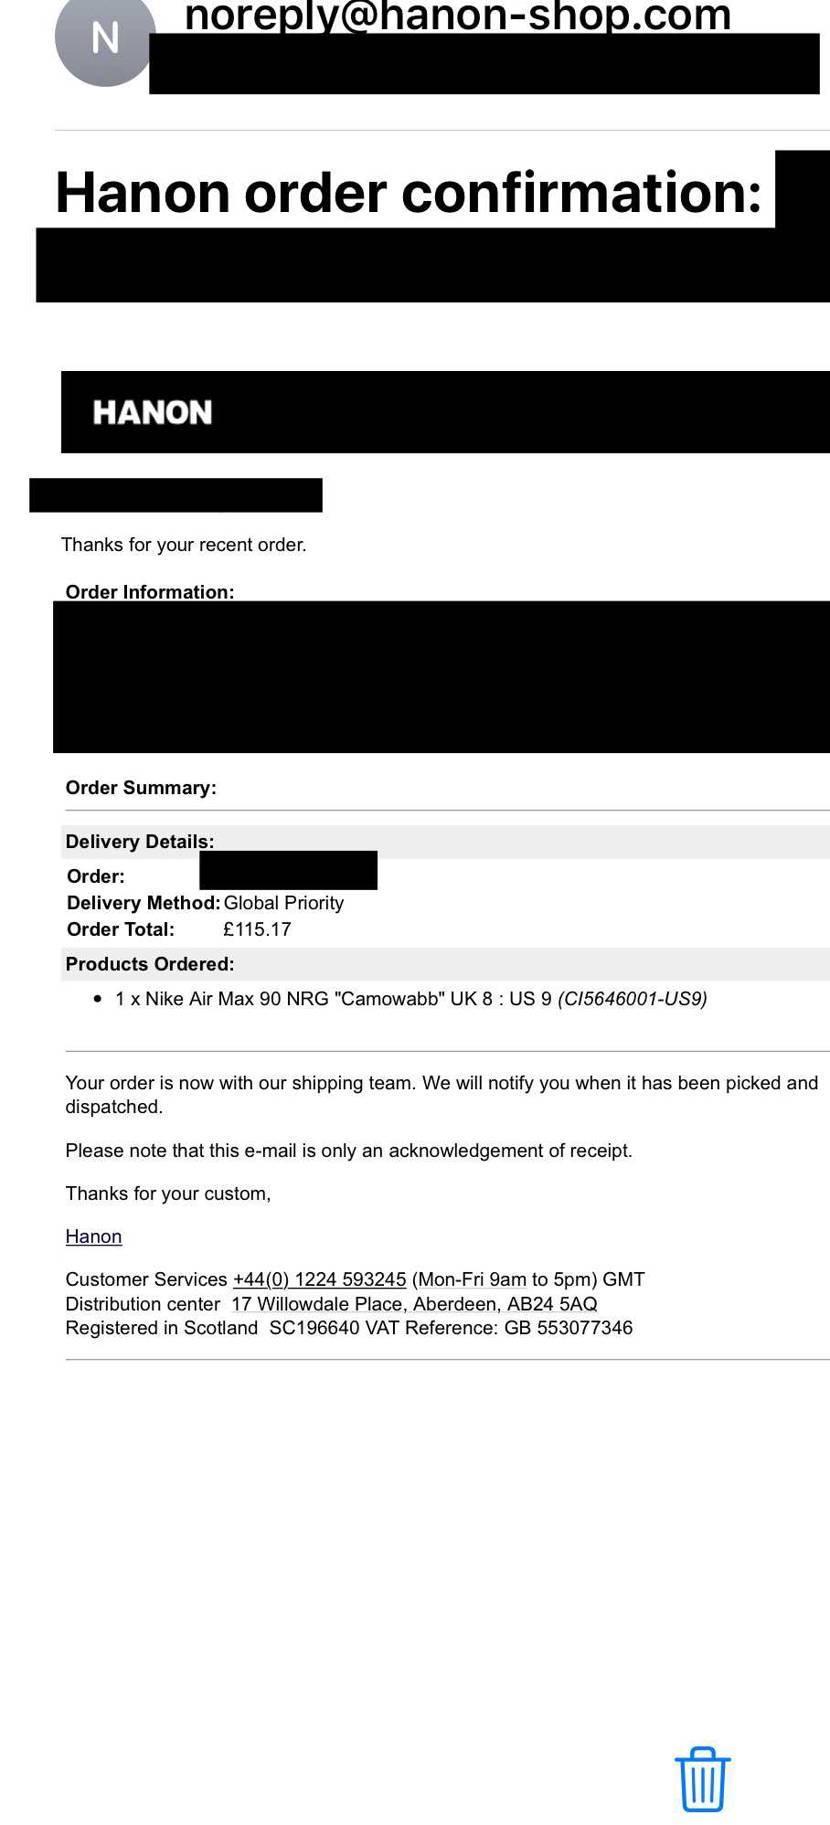 HANONから、オーダー通したよ。のメール。 こっちだったかー。完全に忘れてた